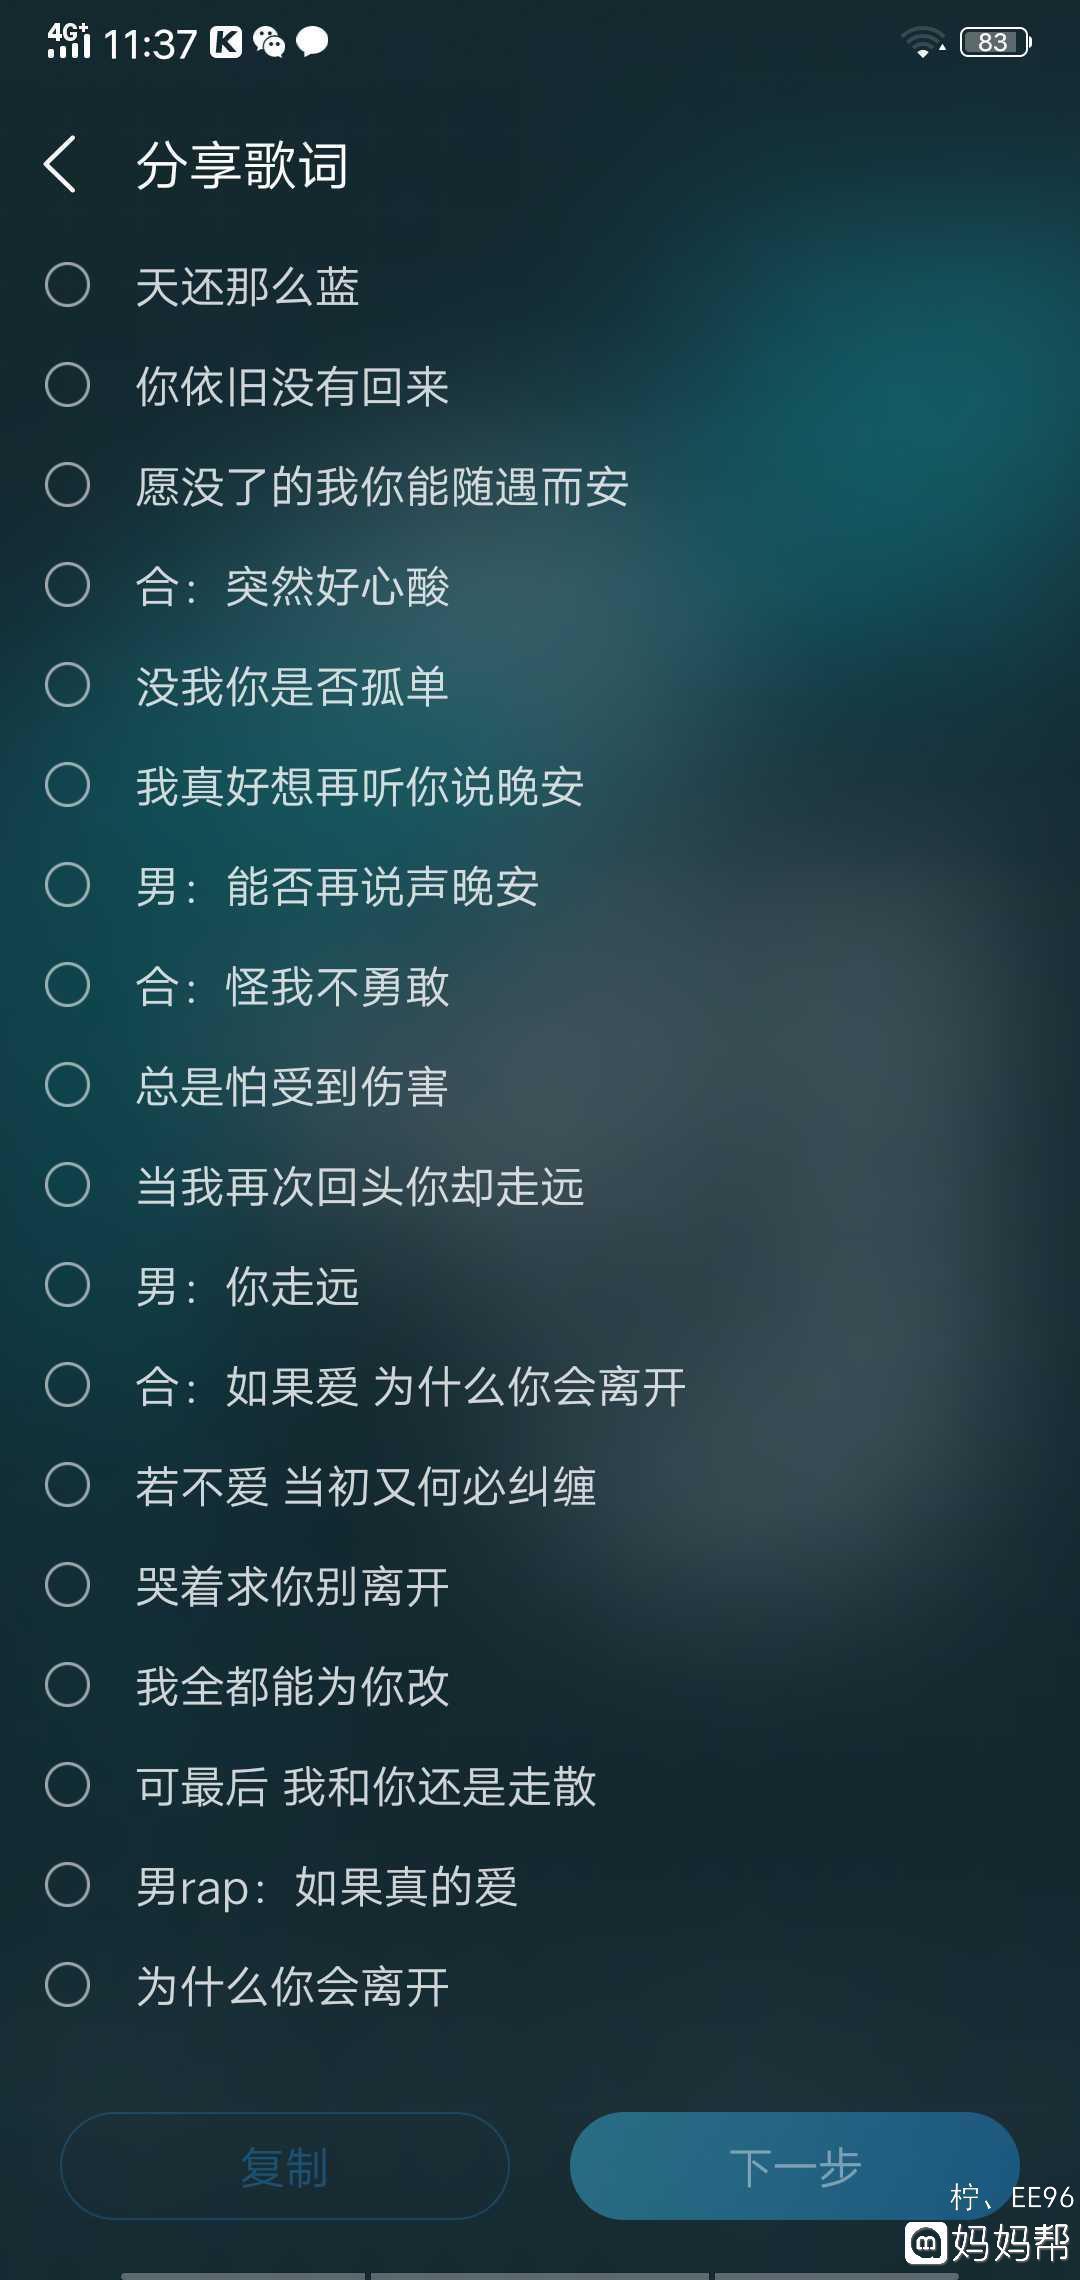 不爱又何必纠缠Mp3歌词下载-威仔、阿夏-Lrc歌词网